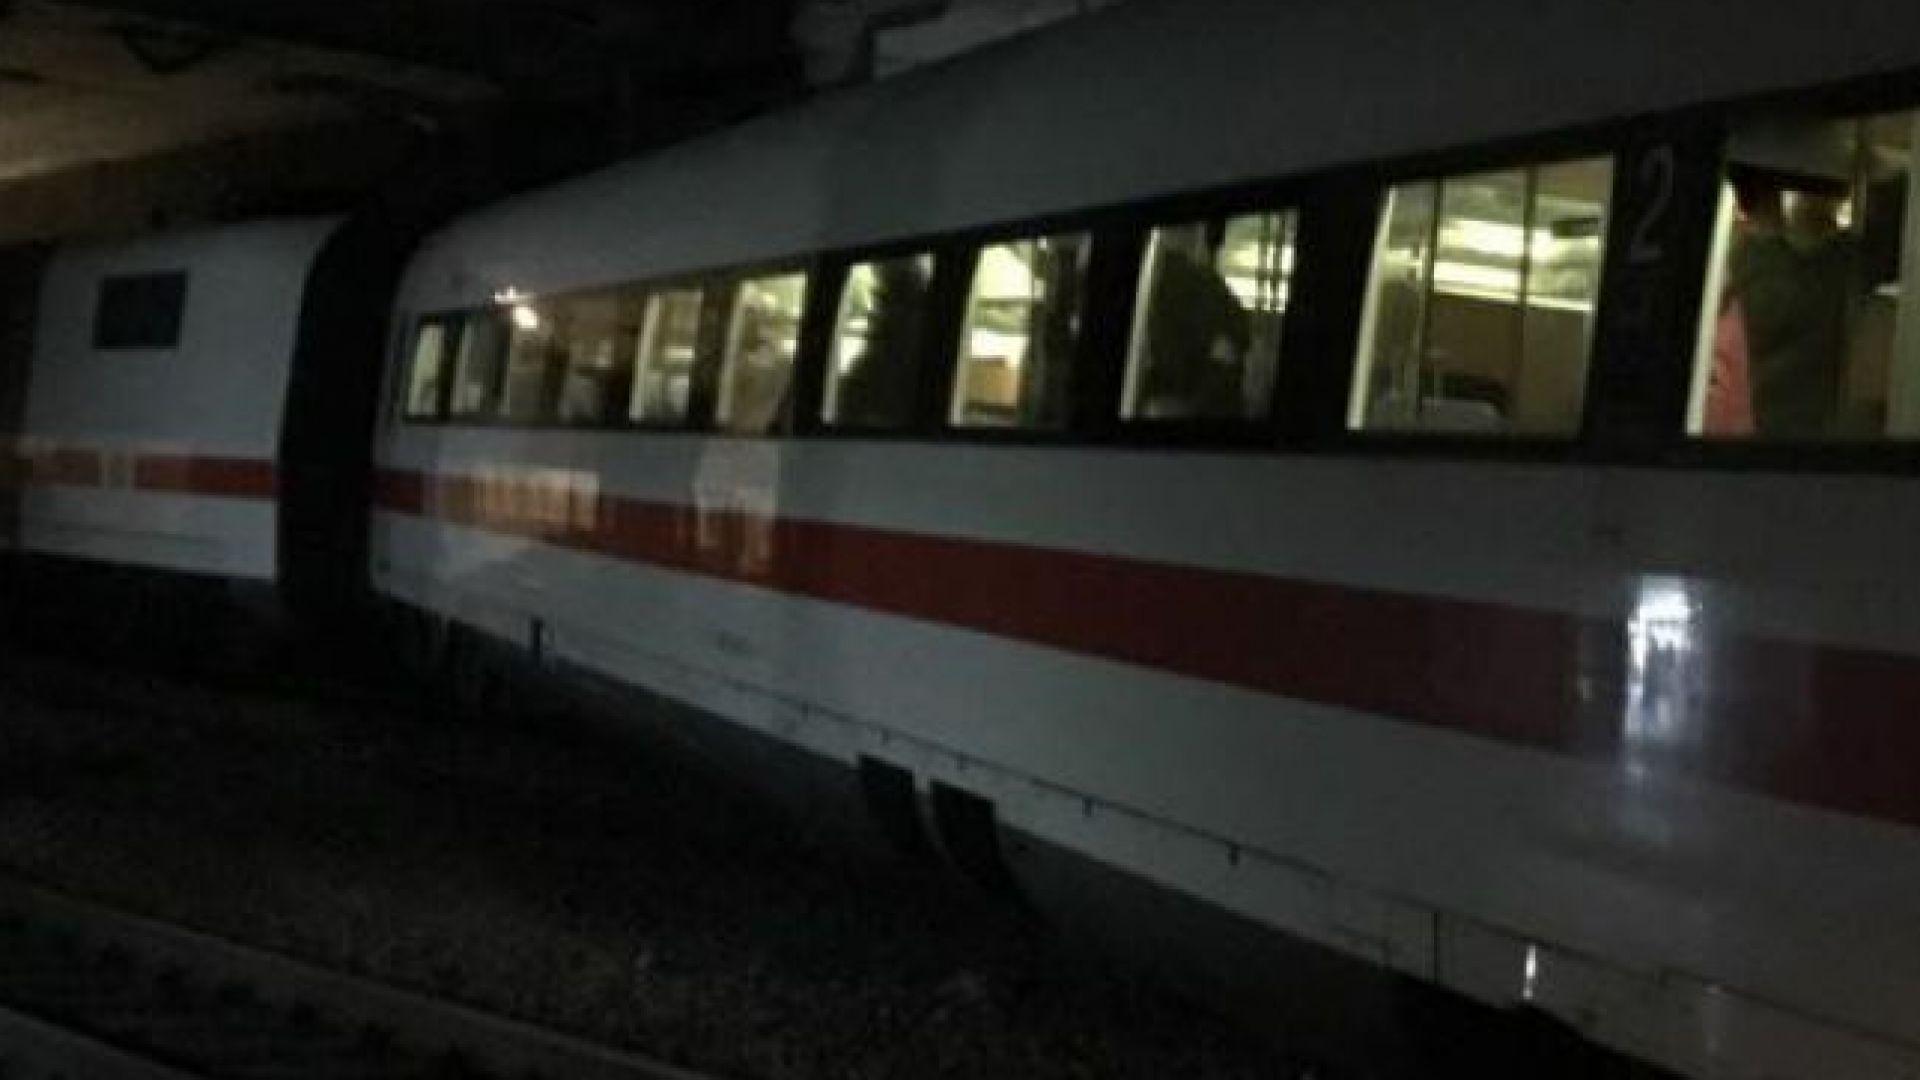 Близо до швейцарският град Базел излезе от релсите високоскоростен влак,